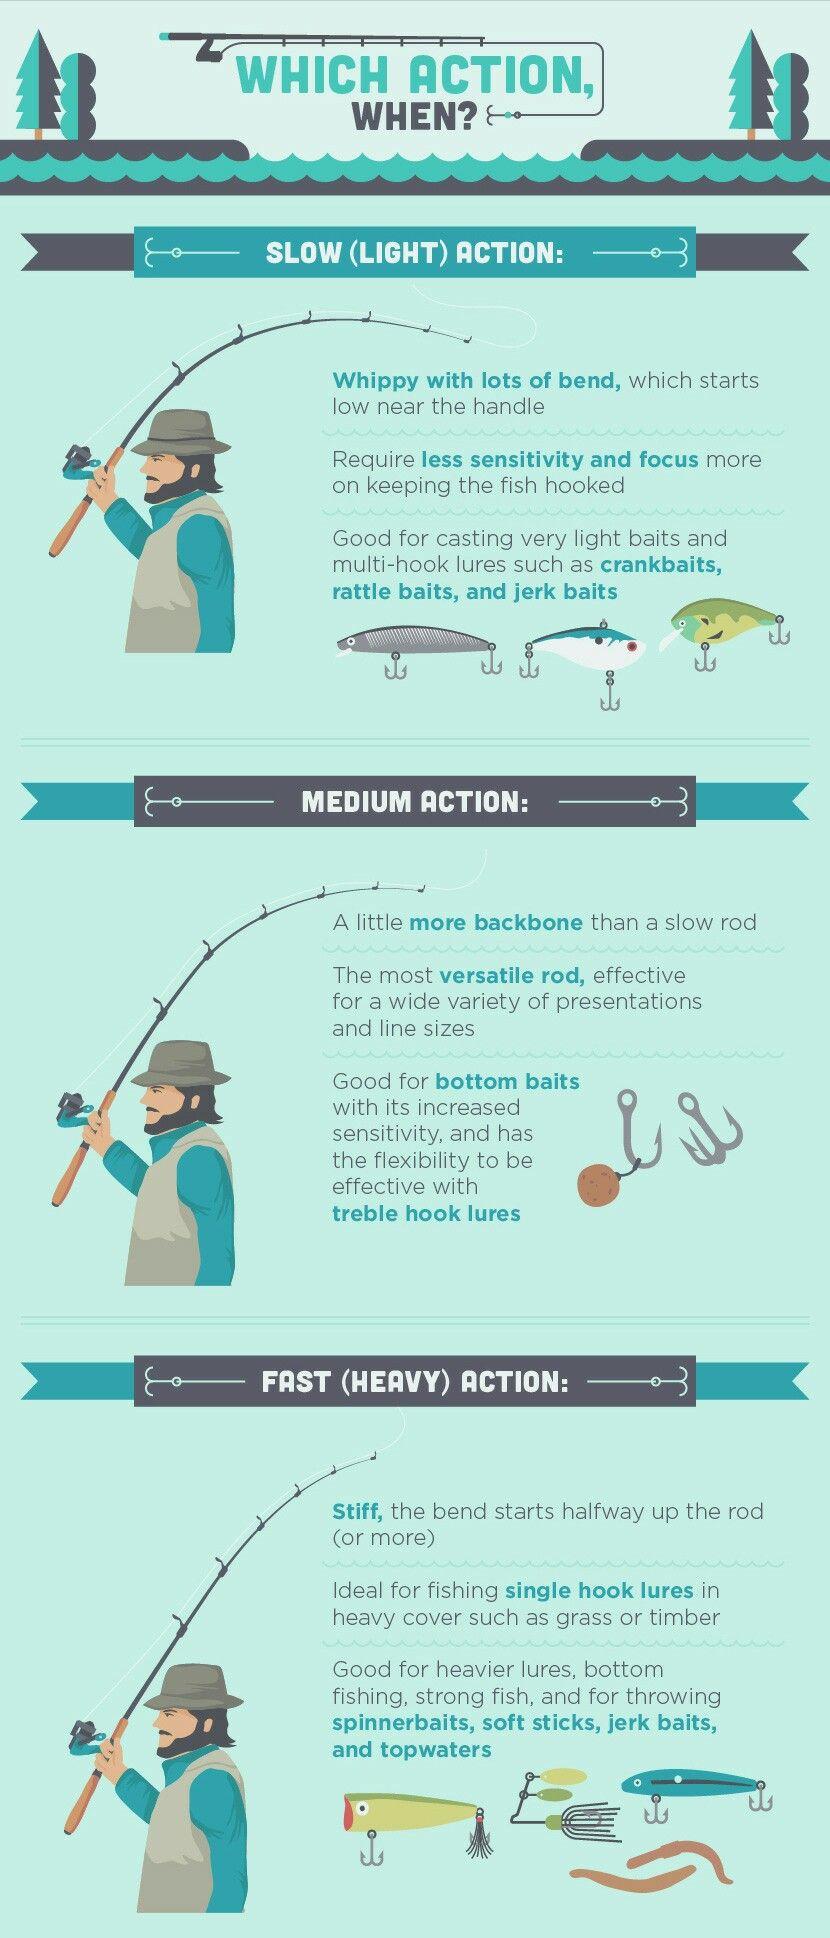 Which action when? | Angeln, Fliegenbinden und Zu beschäftigt